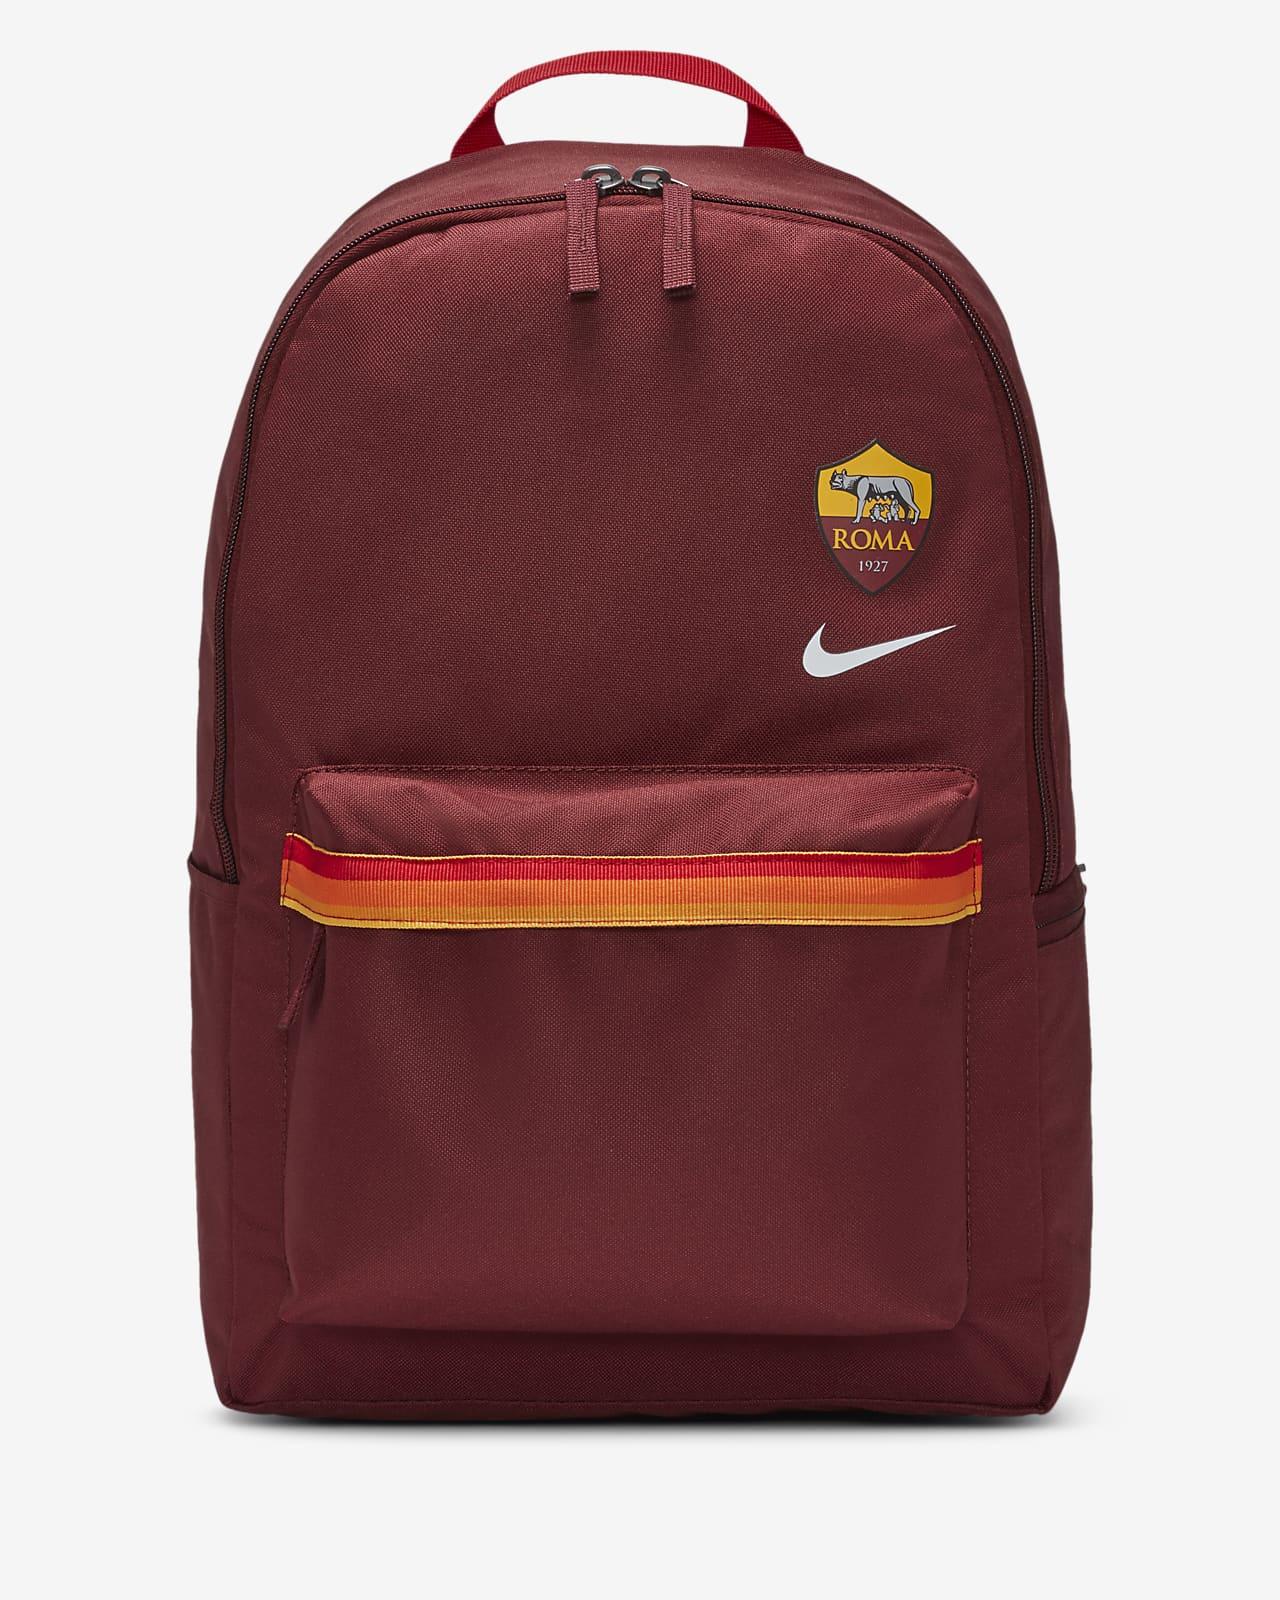 AS Roma Stadium Football Backpack